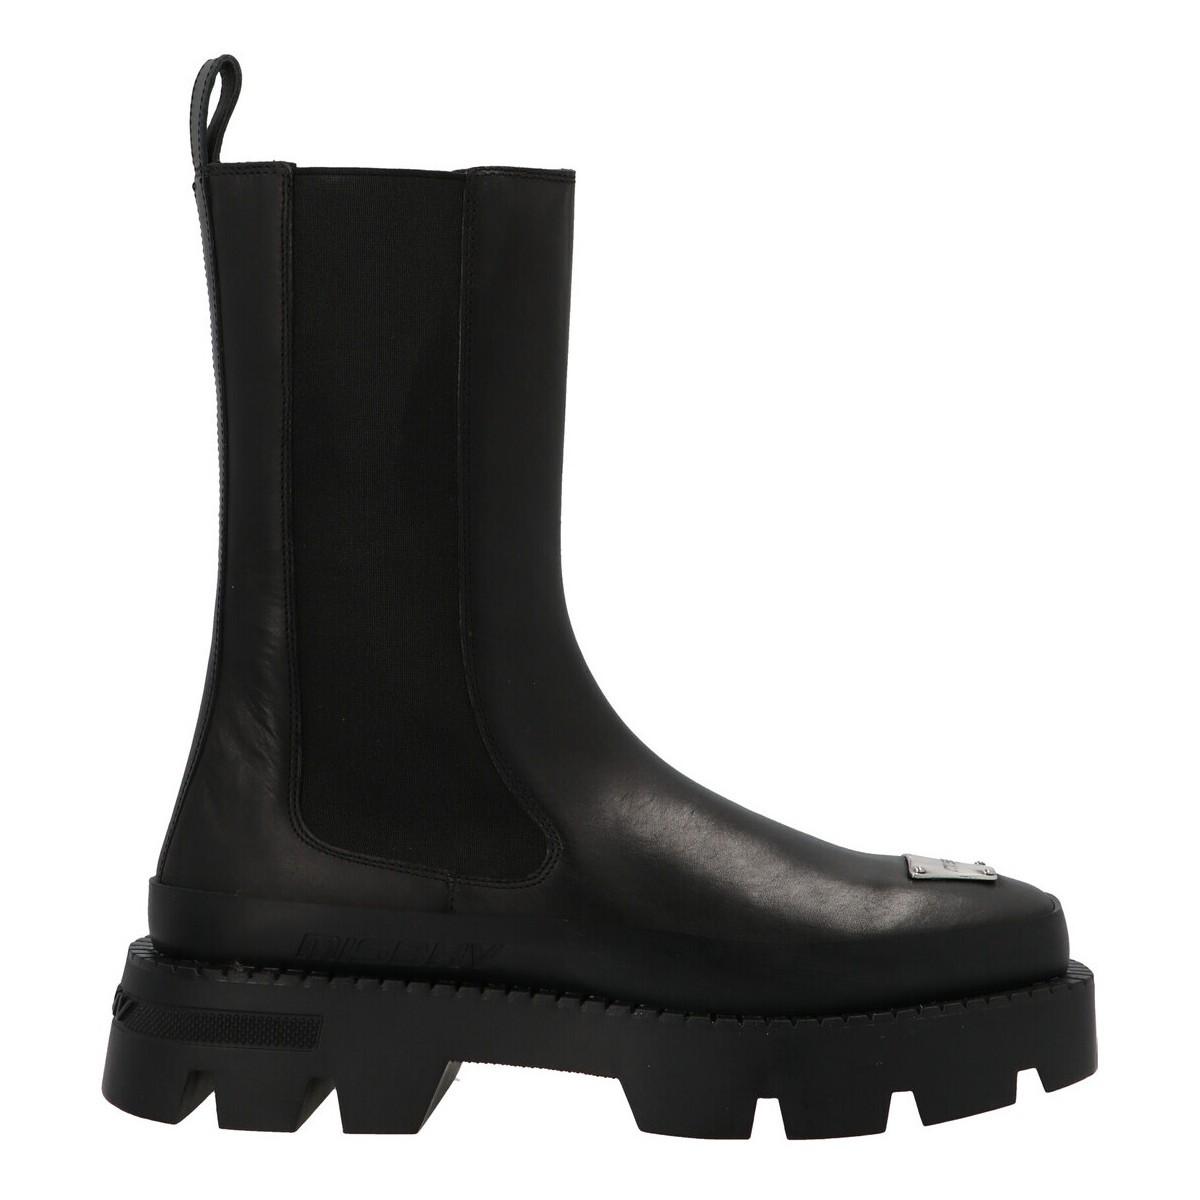 ブーツ, その他 MISBHV Black The 2000 chelsea boots 2021 3021BM102BLACK ju